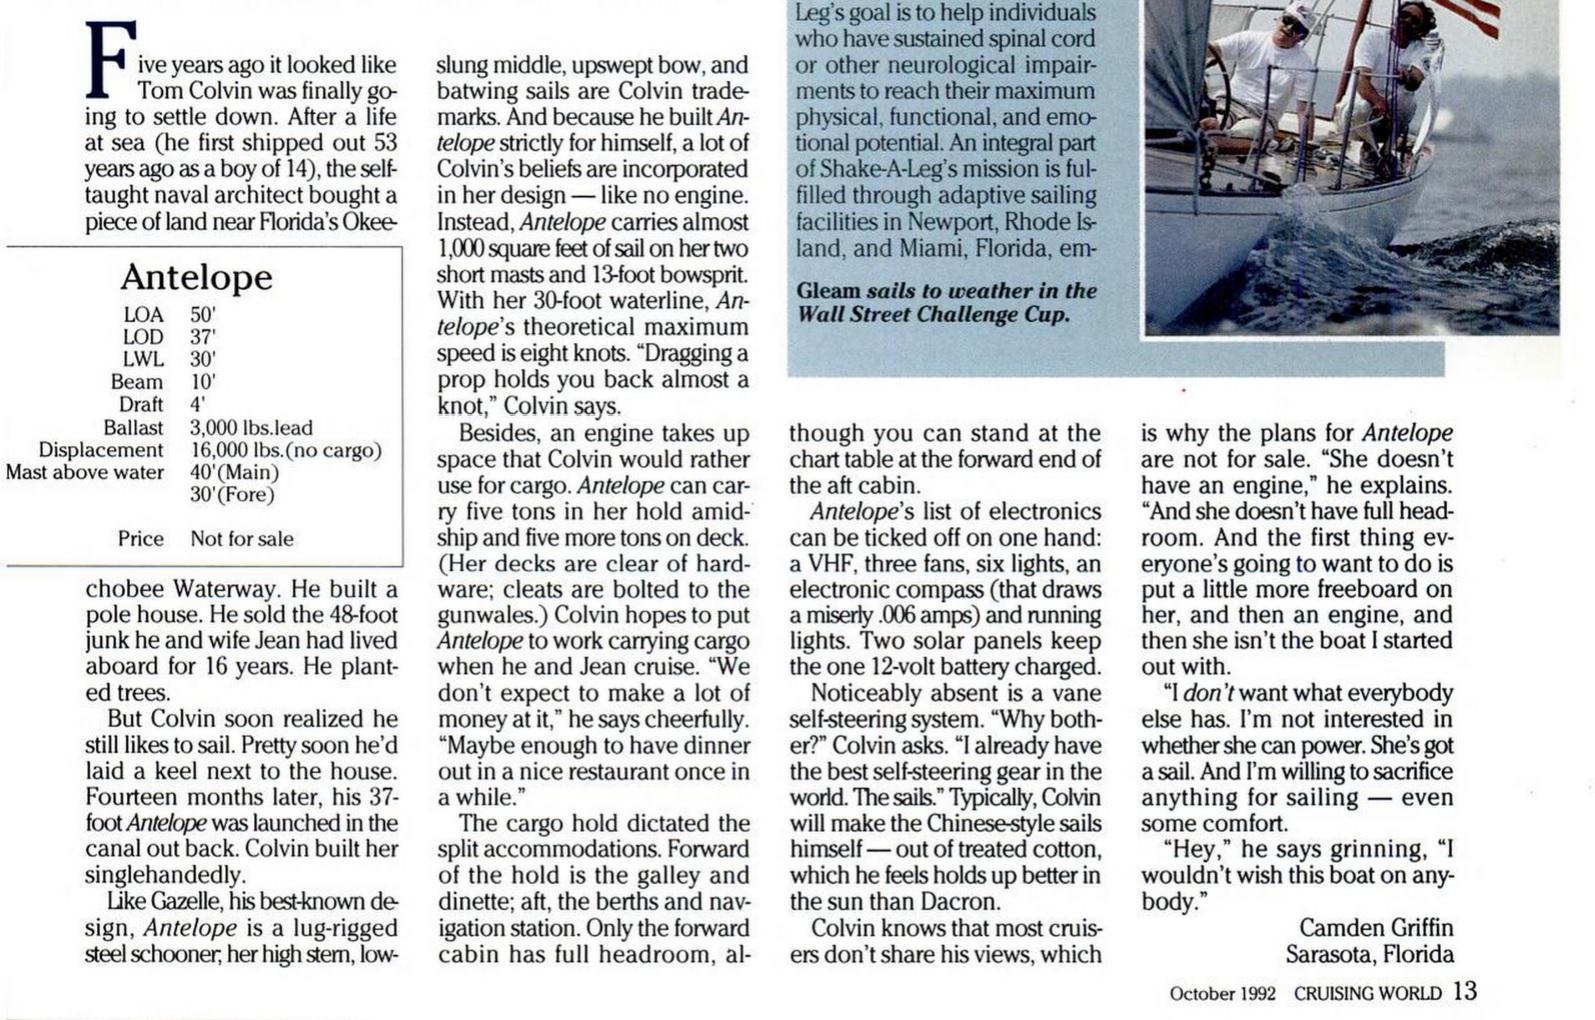 Tom Colvin 37ft Cargo Schooner Antelope Cruising World Oct. 1992 page 13 bottom.jpg